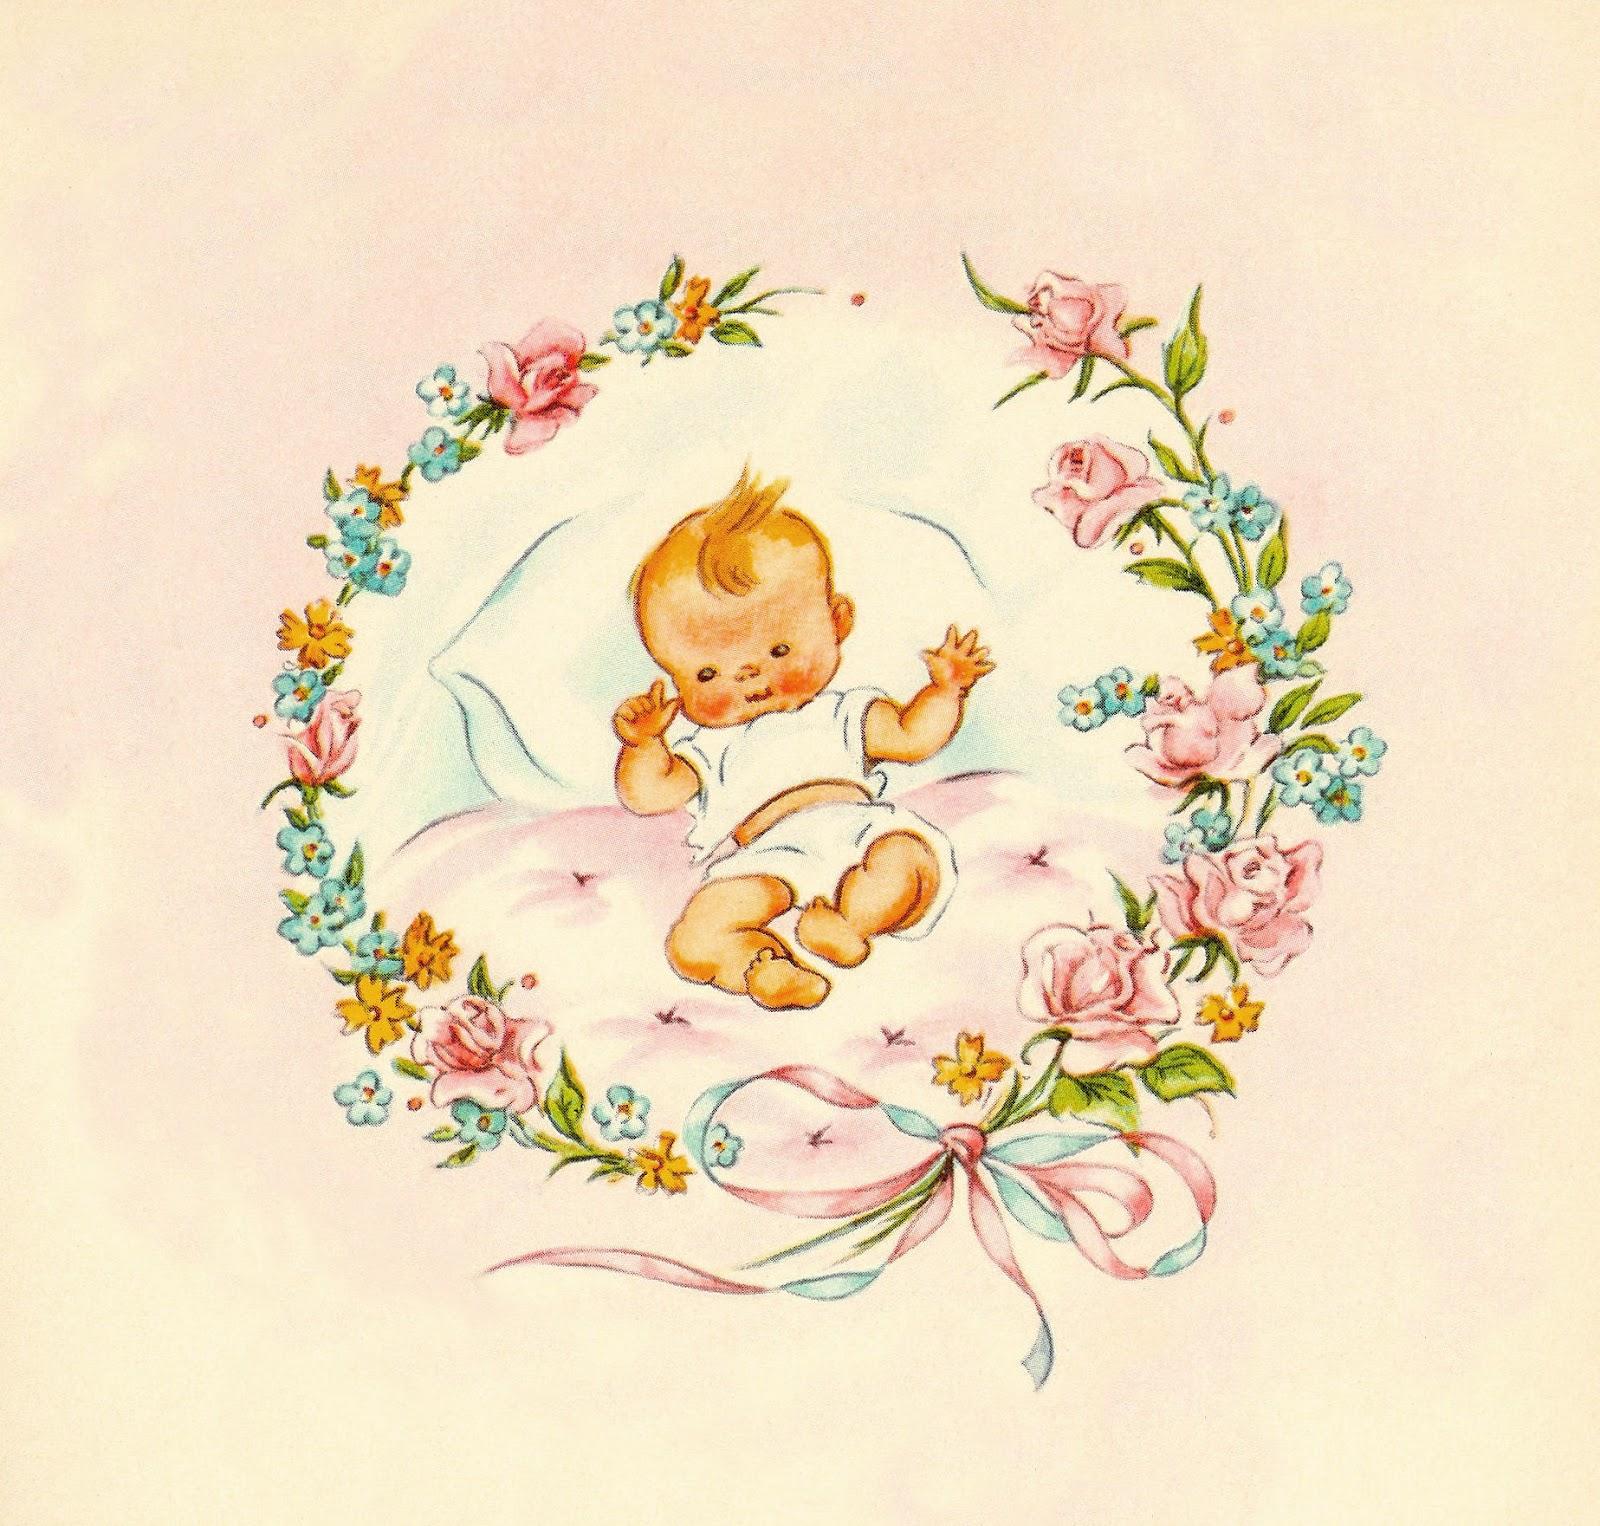 Antique images baby clip. Babies clipart vintage